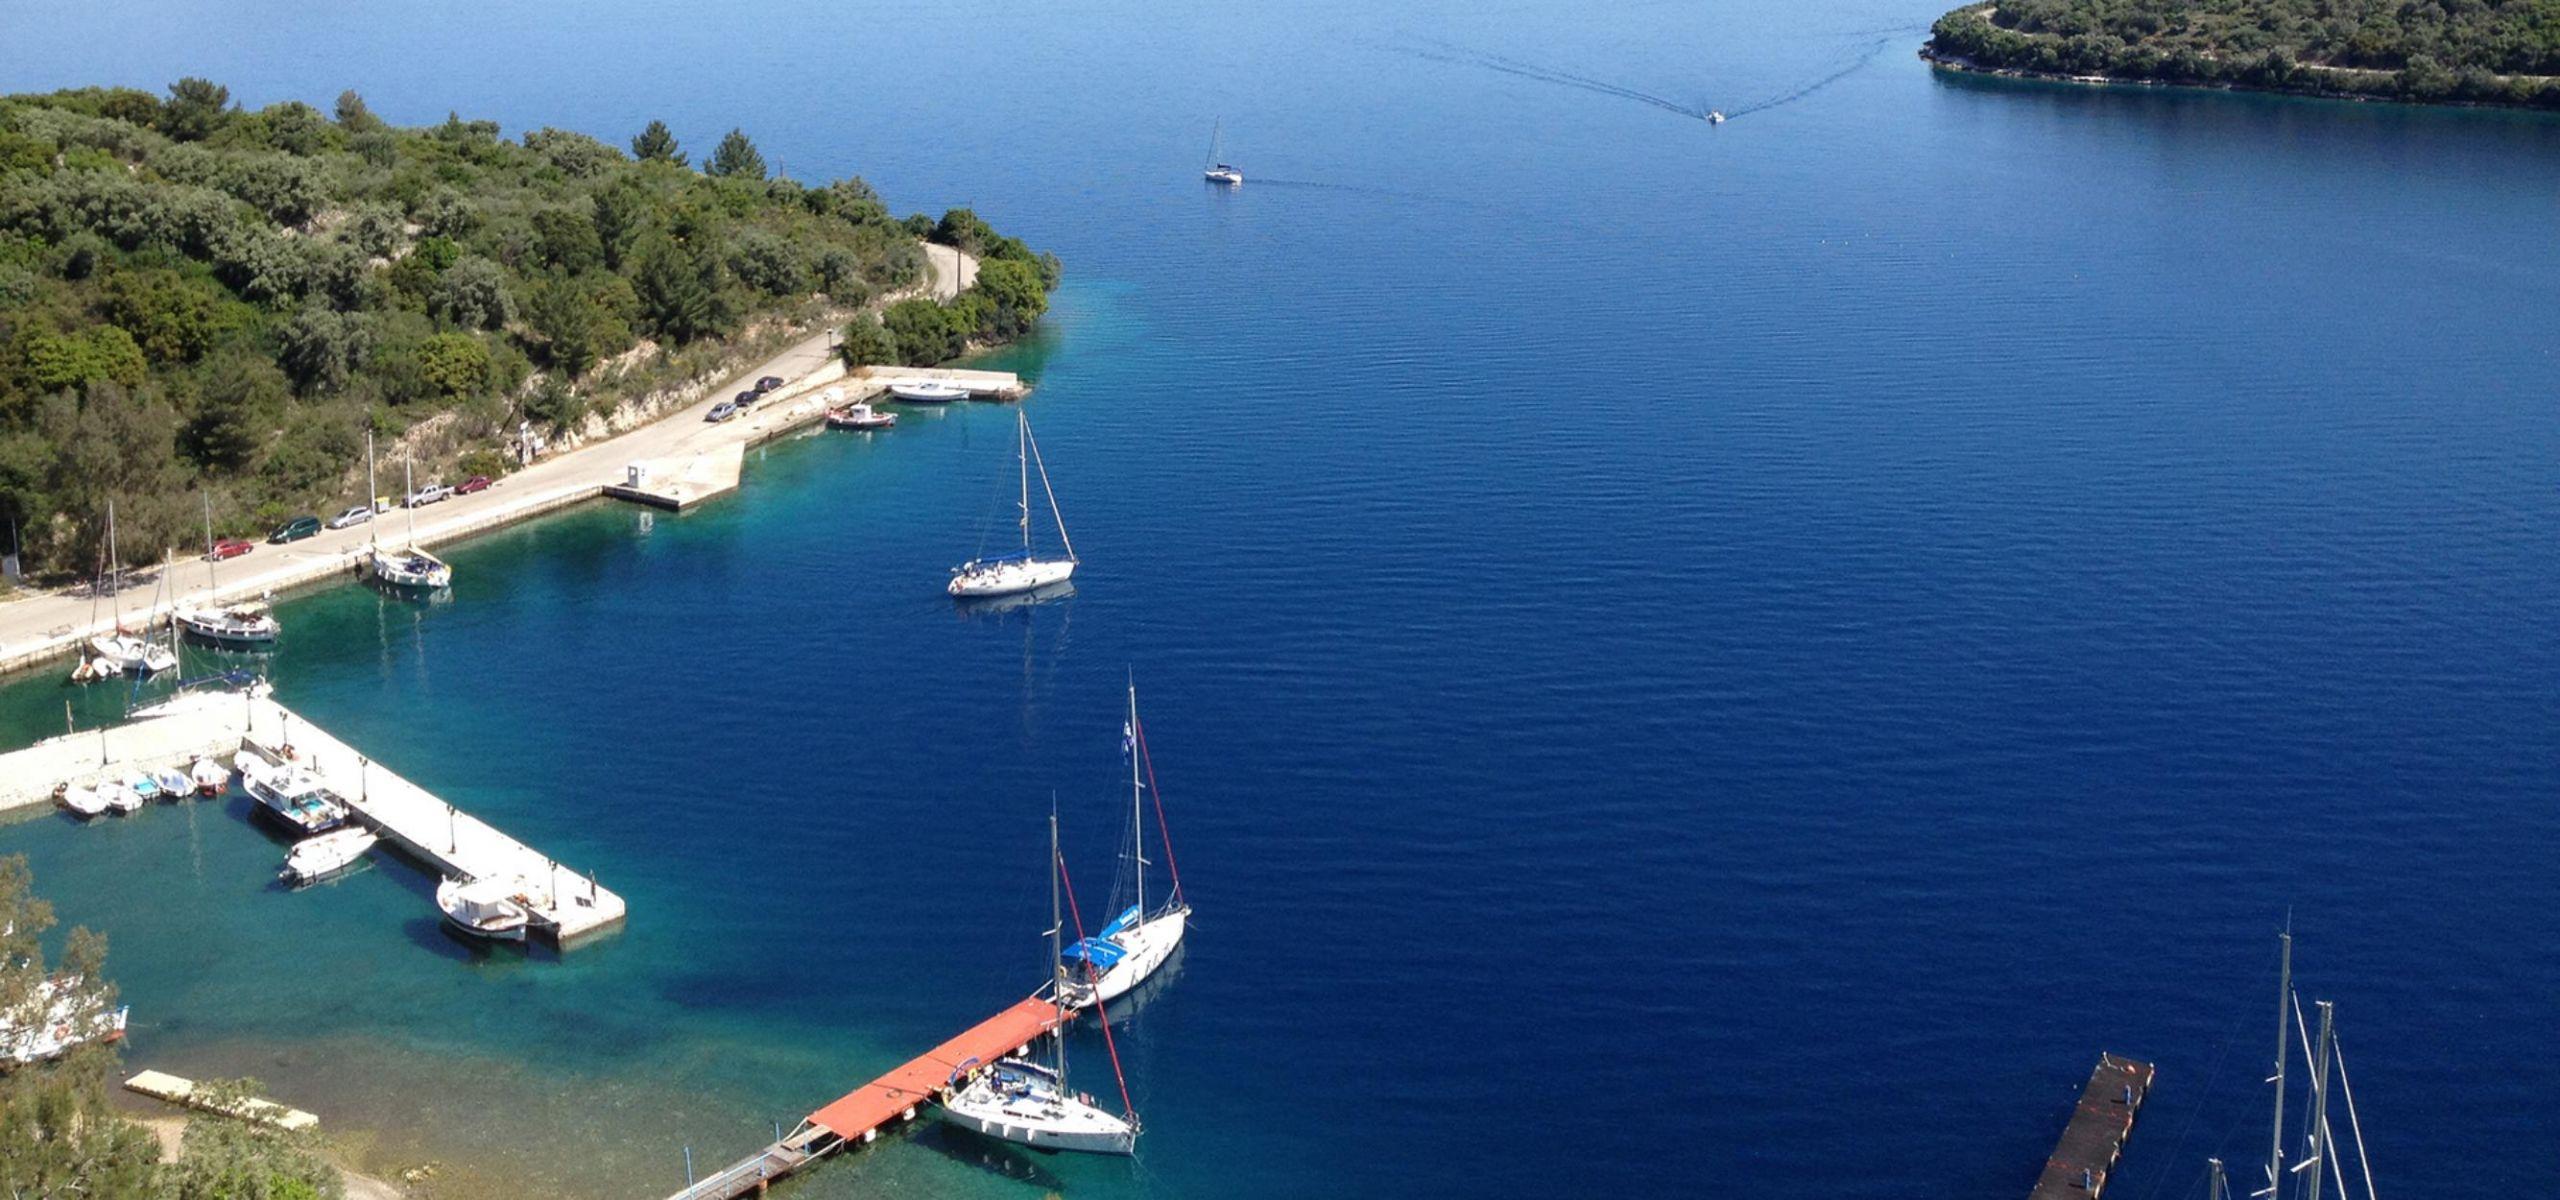 Covid free νησιά